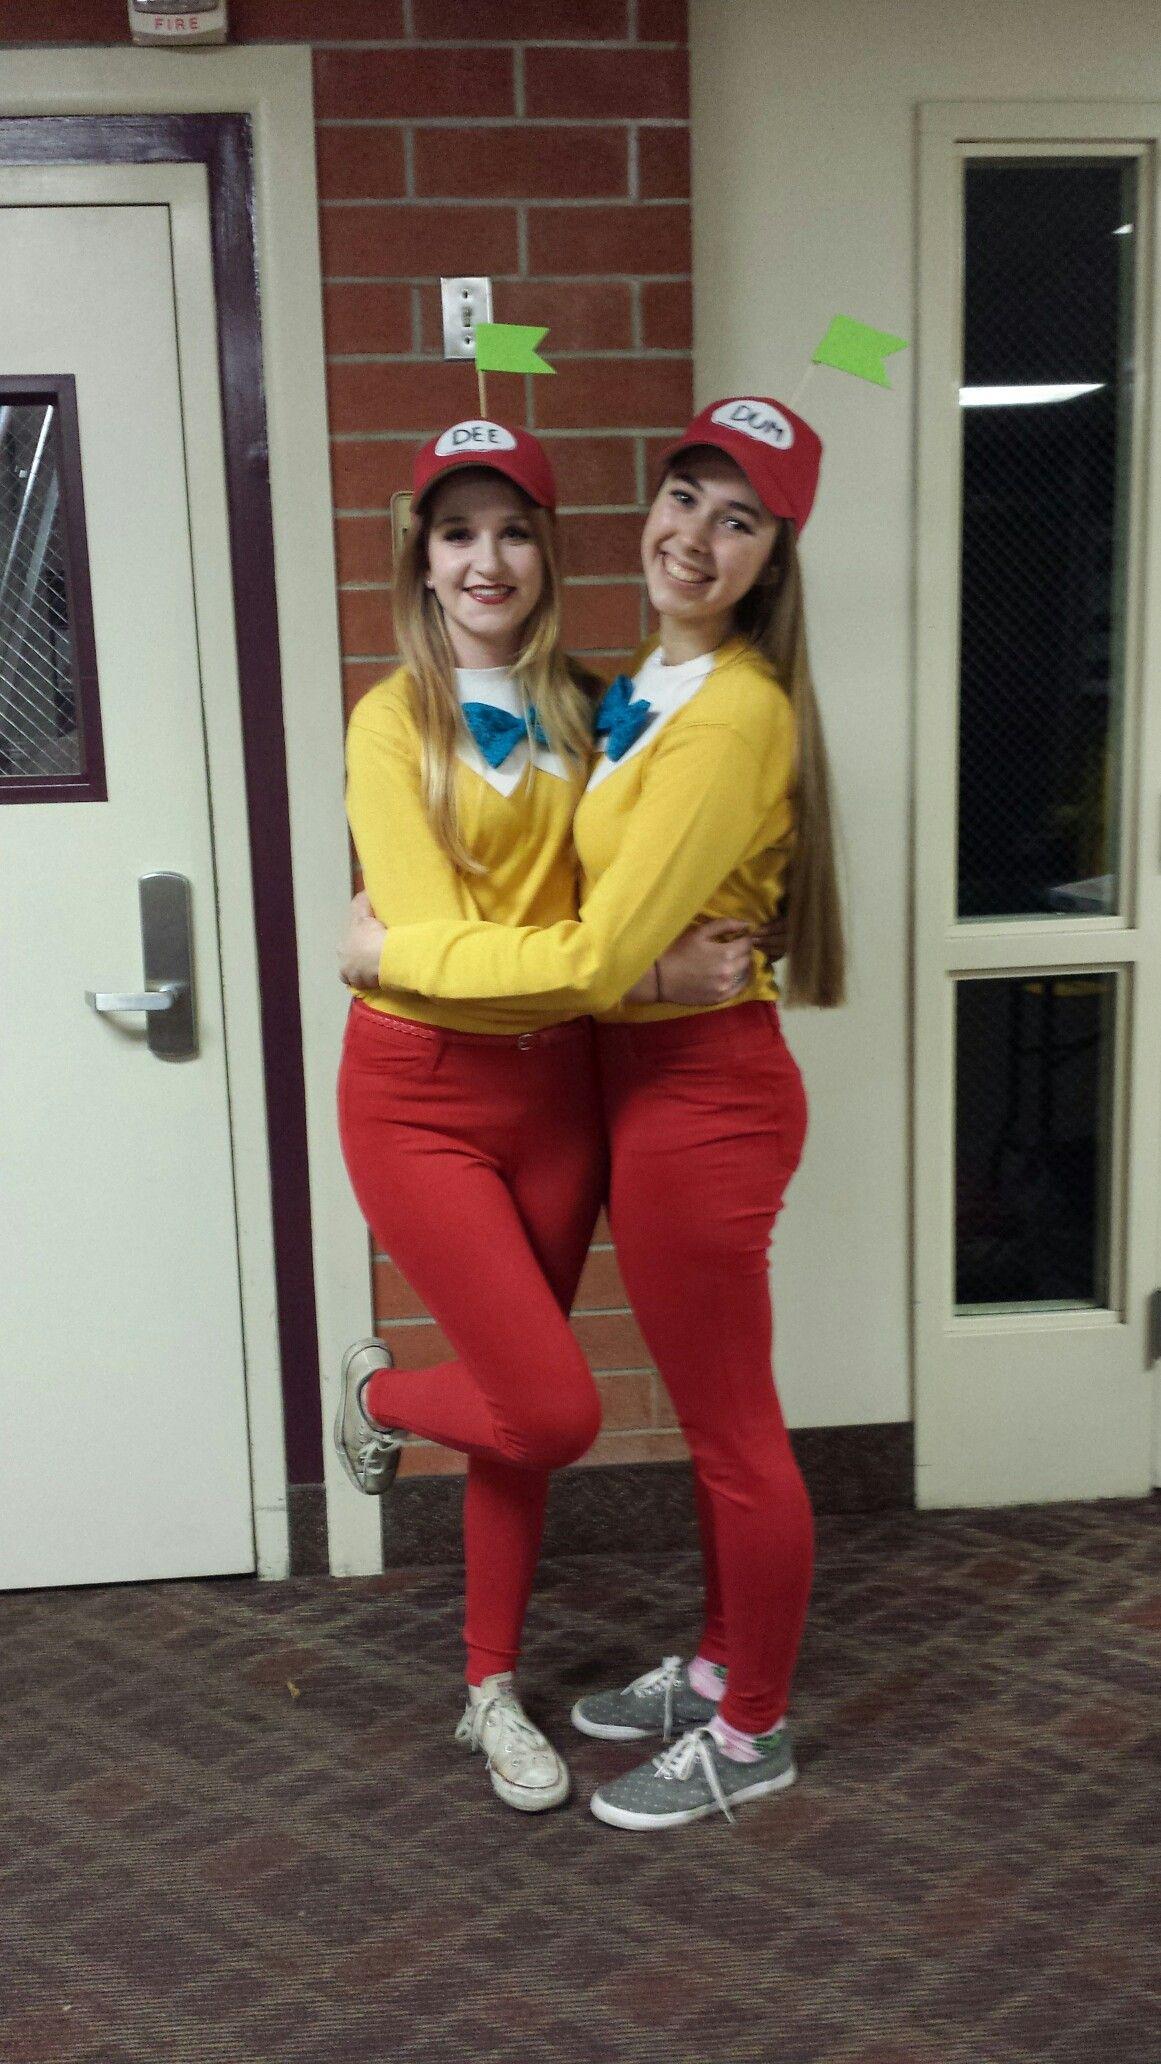 Tweedle Dee and Tweedle Dum Halloween Costume